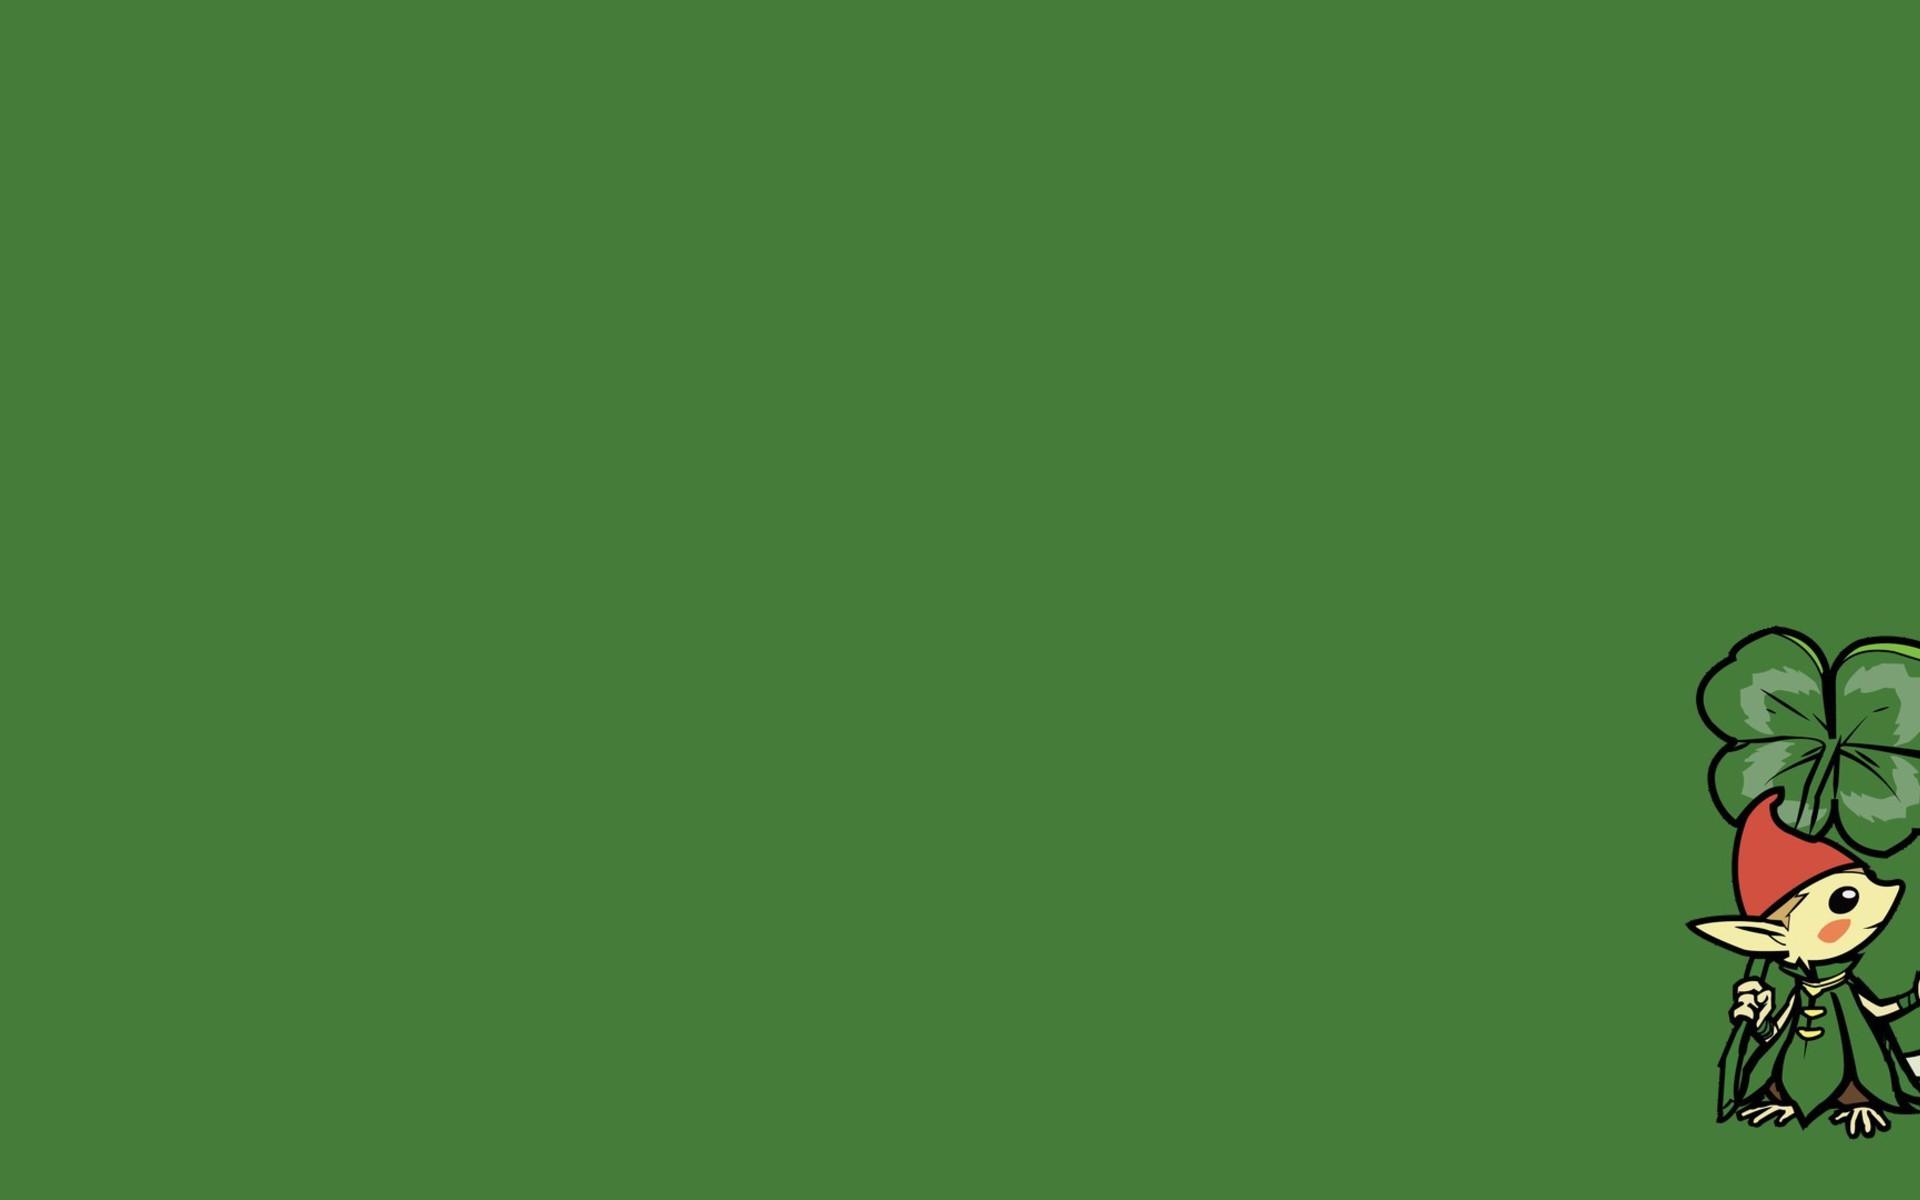 خلفيات سادة ملونة لون اخضر 13